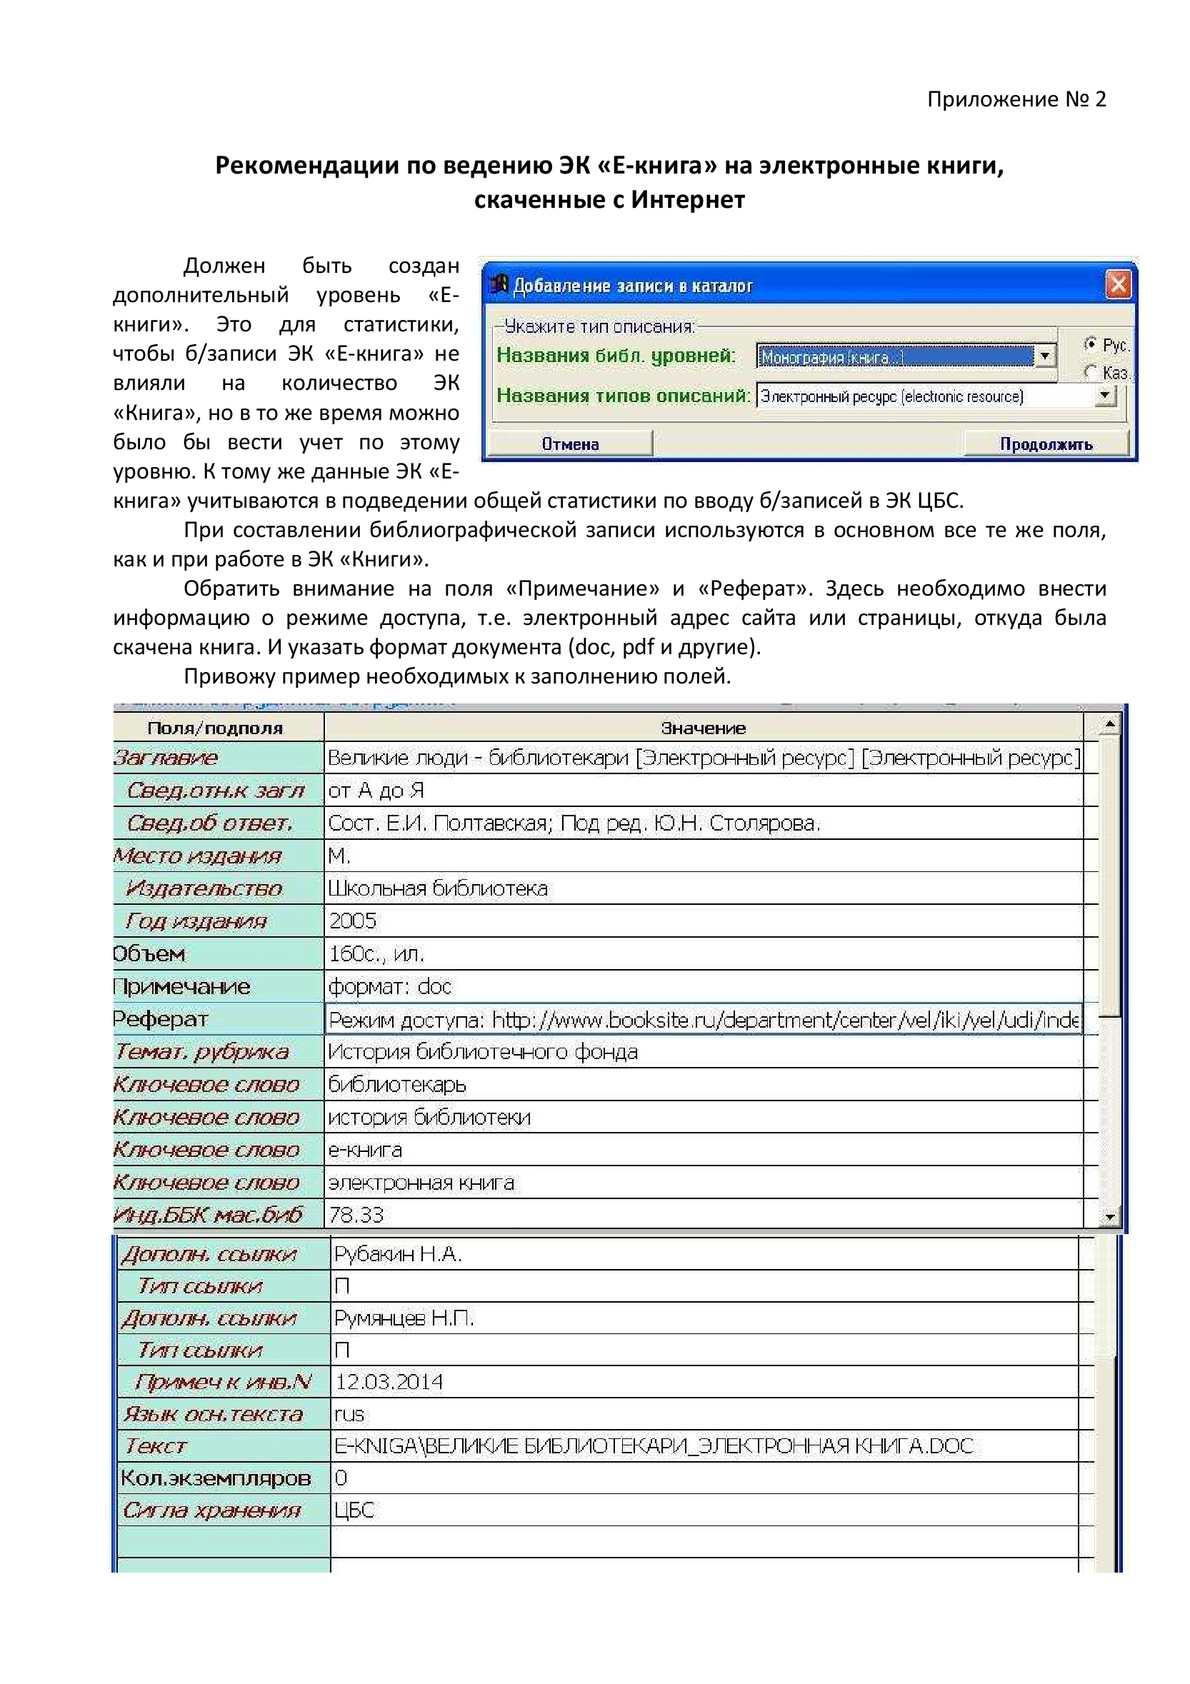 Fb2lib net ru скачать книги бесплатно